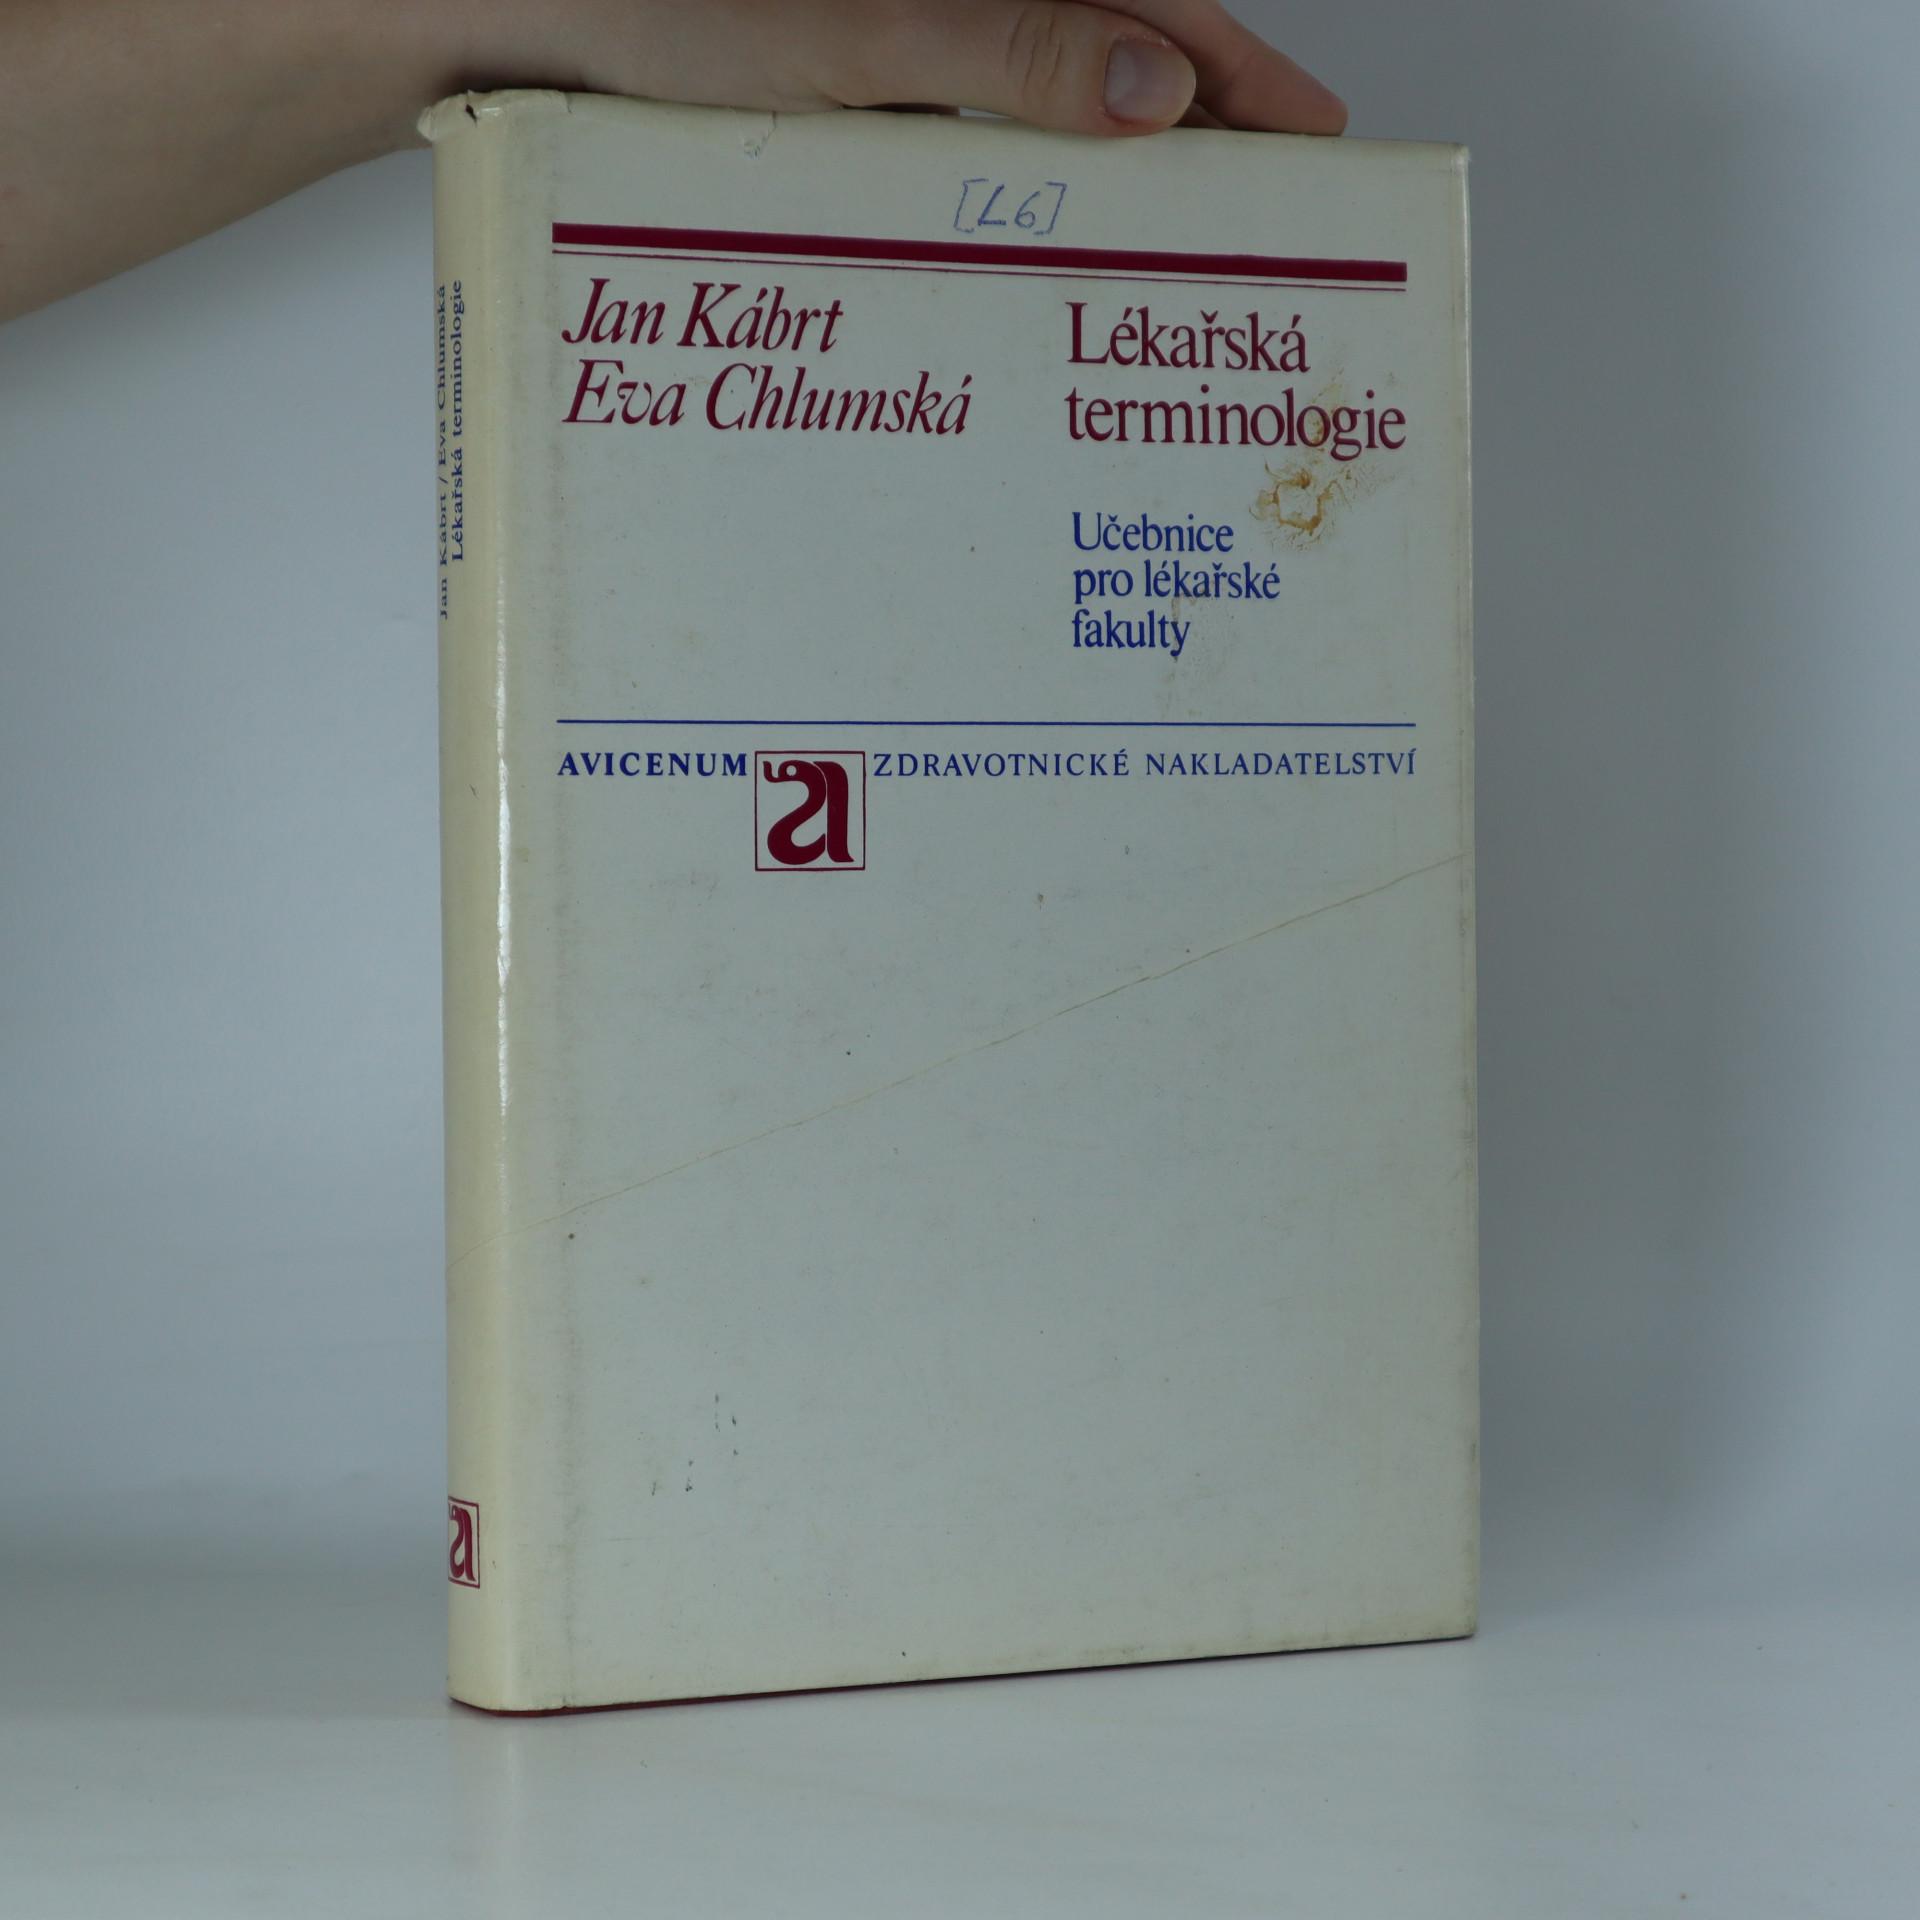 antikvární kniha Lékařská terminologie, 1988